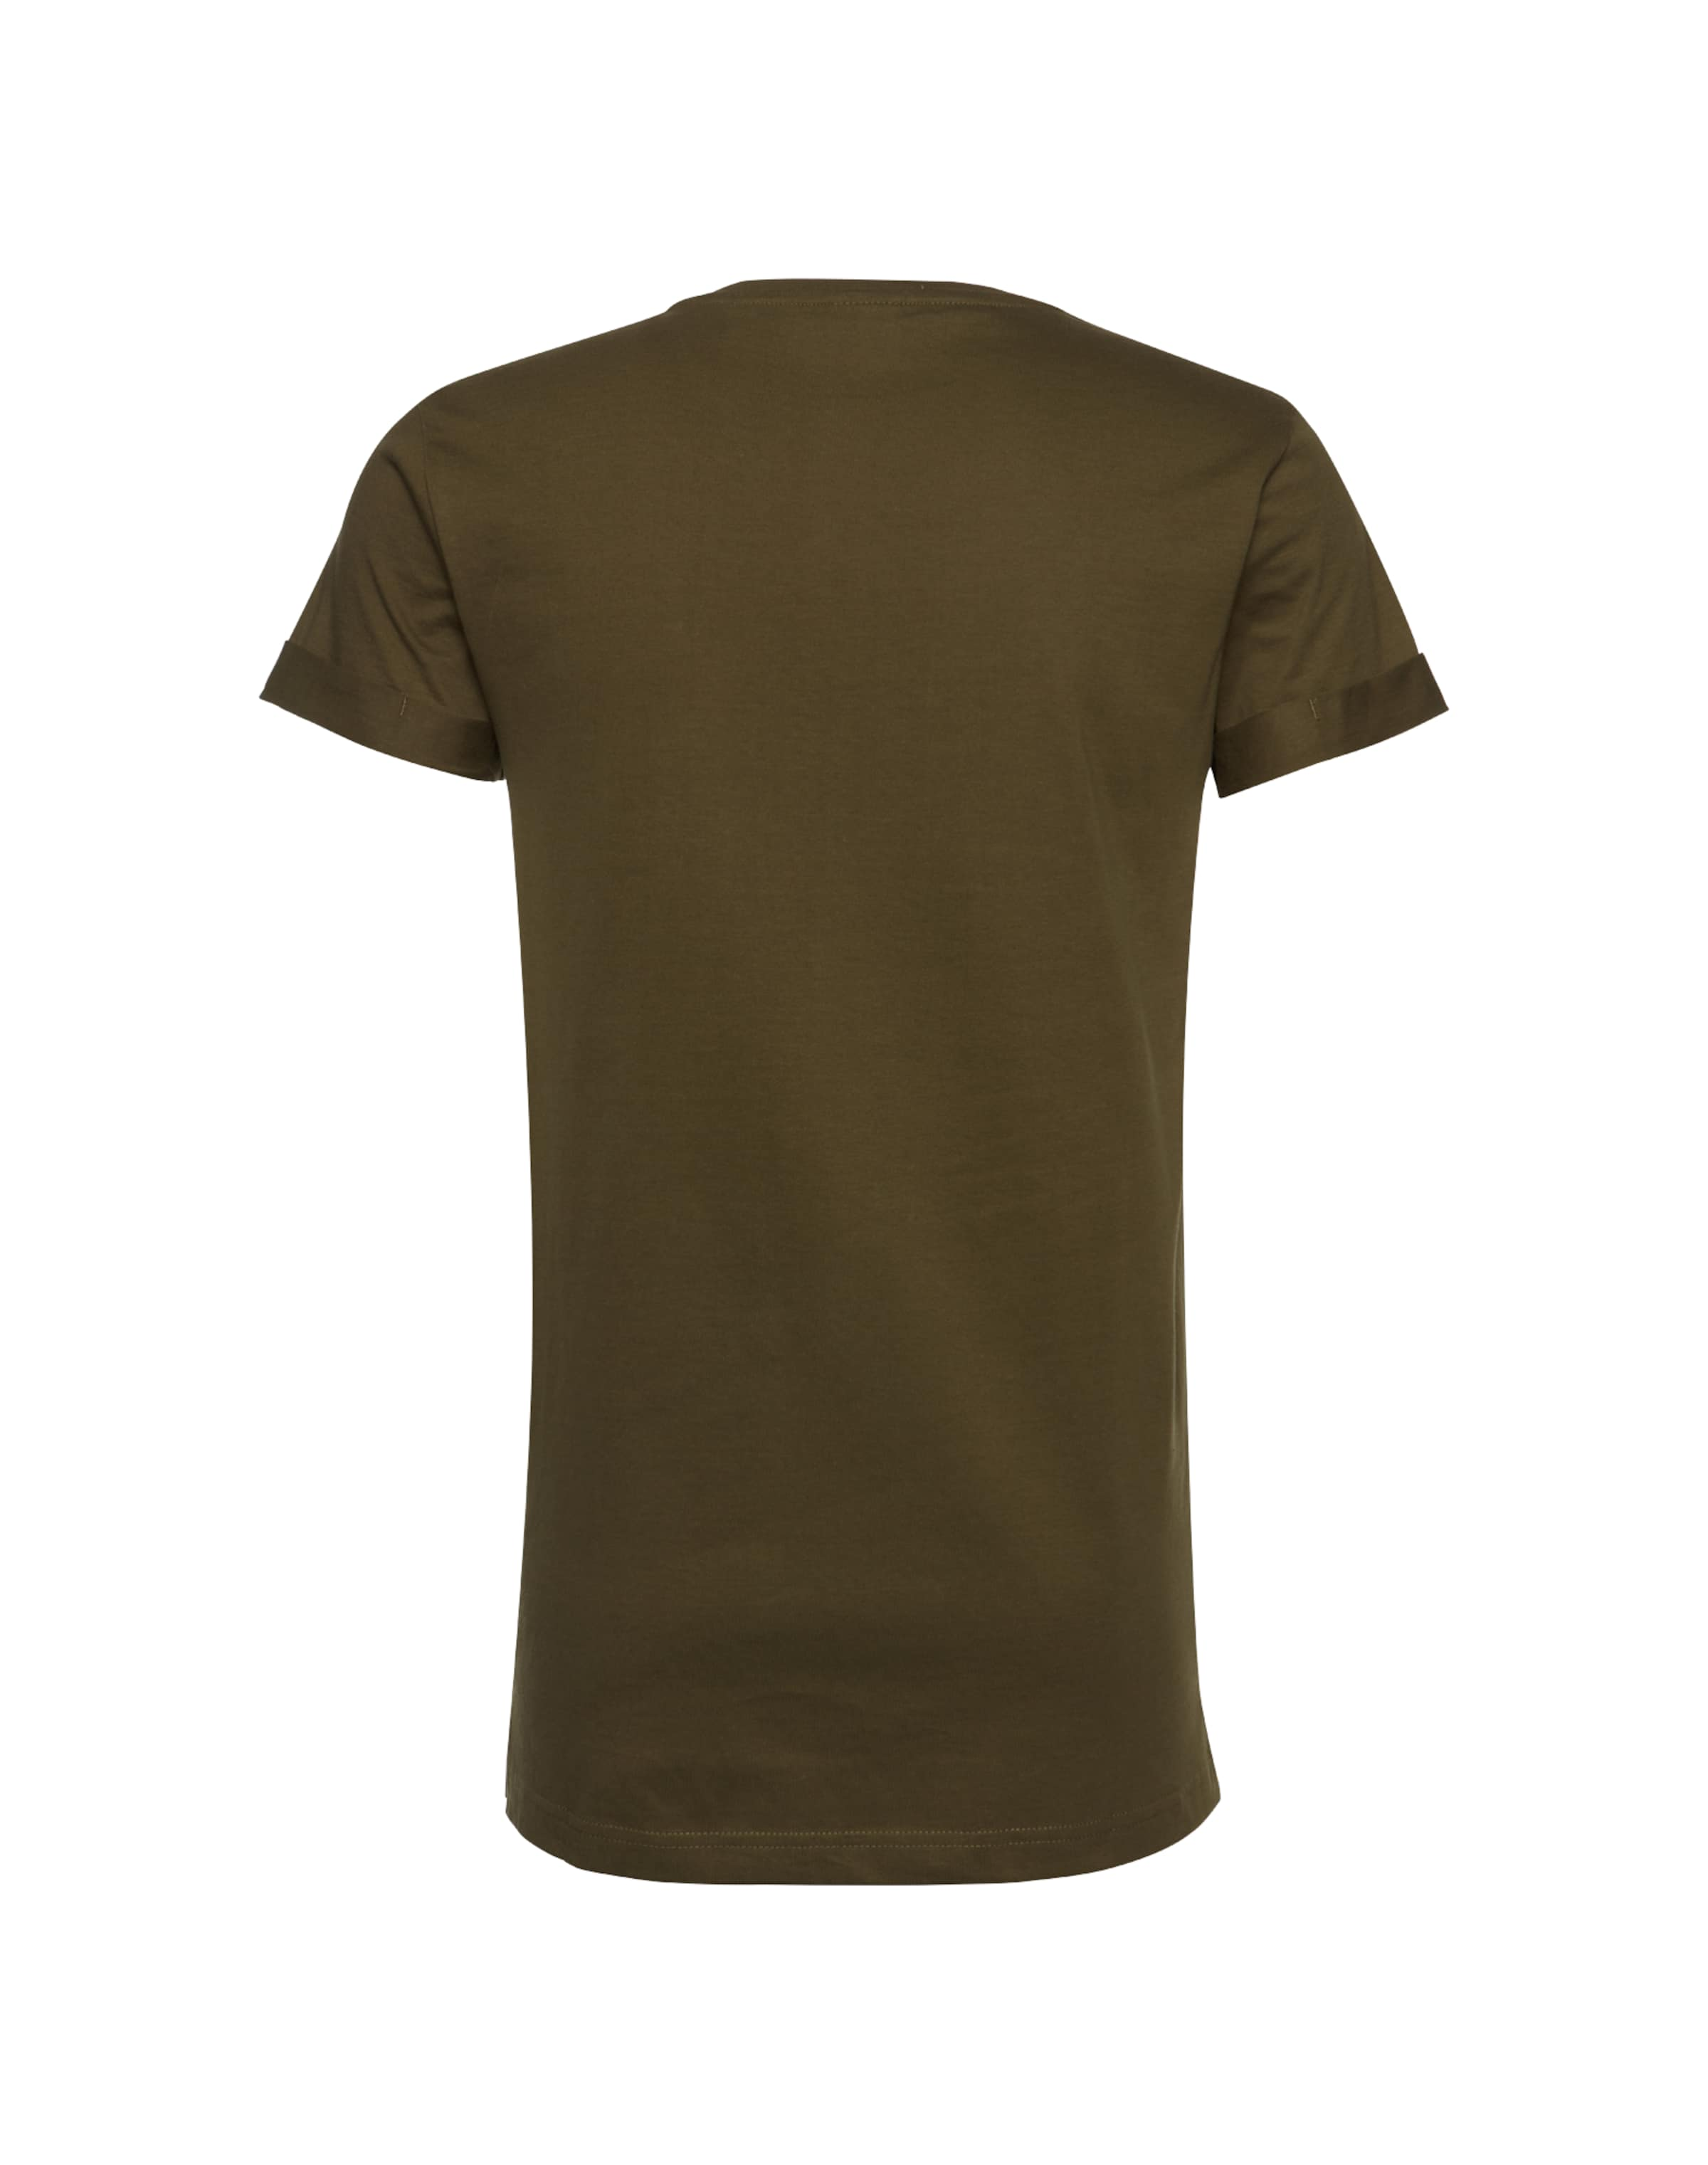 'turnup Classics Shirt Tee' In Urban Oliv OkXZuiPT